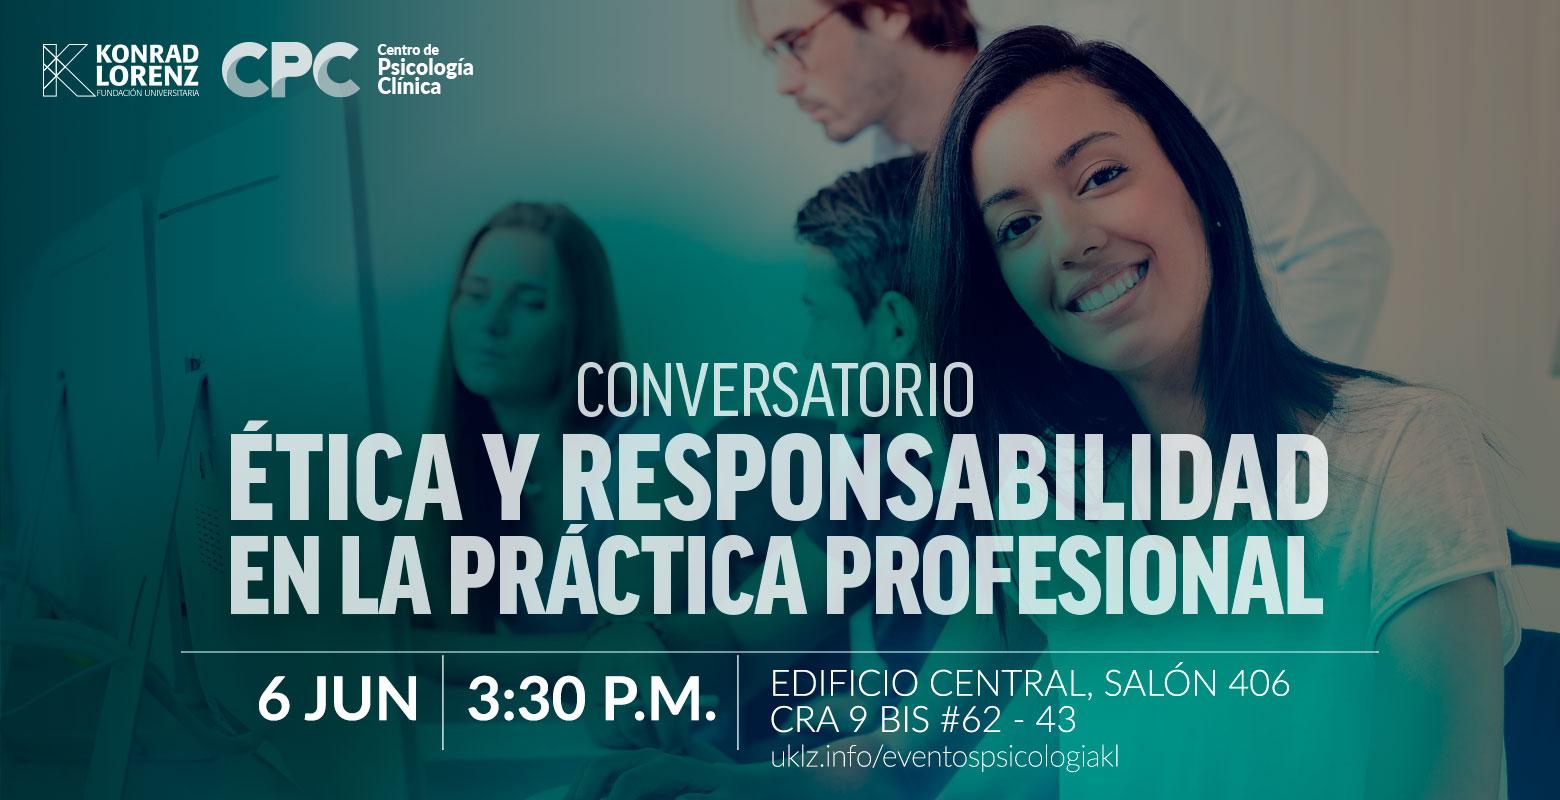 Conversatorio: Ética y responsabilidad en la práctica profesional